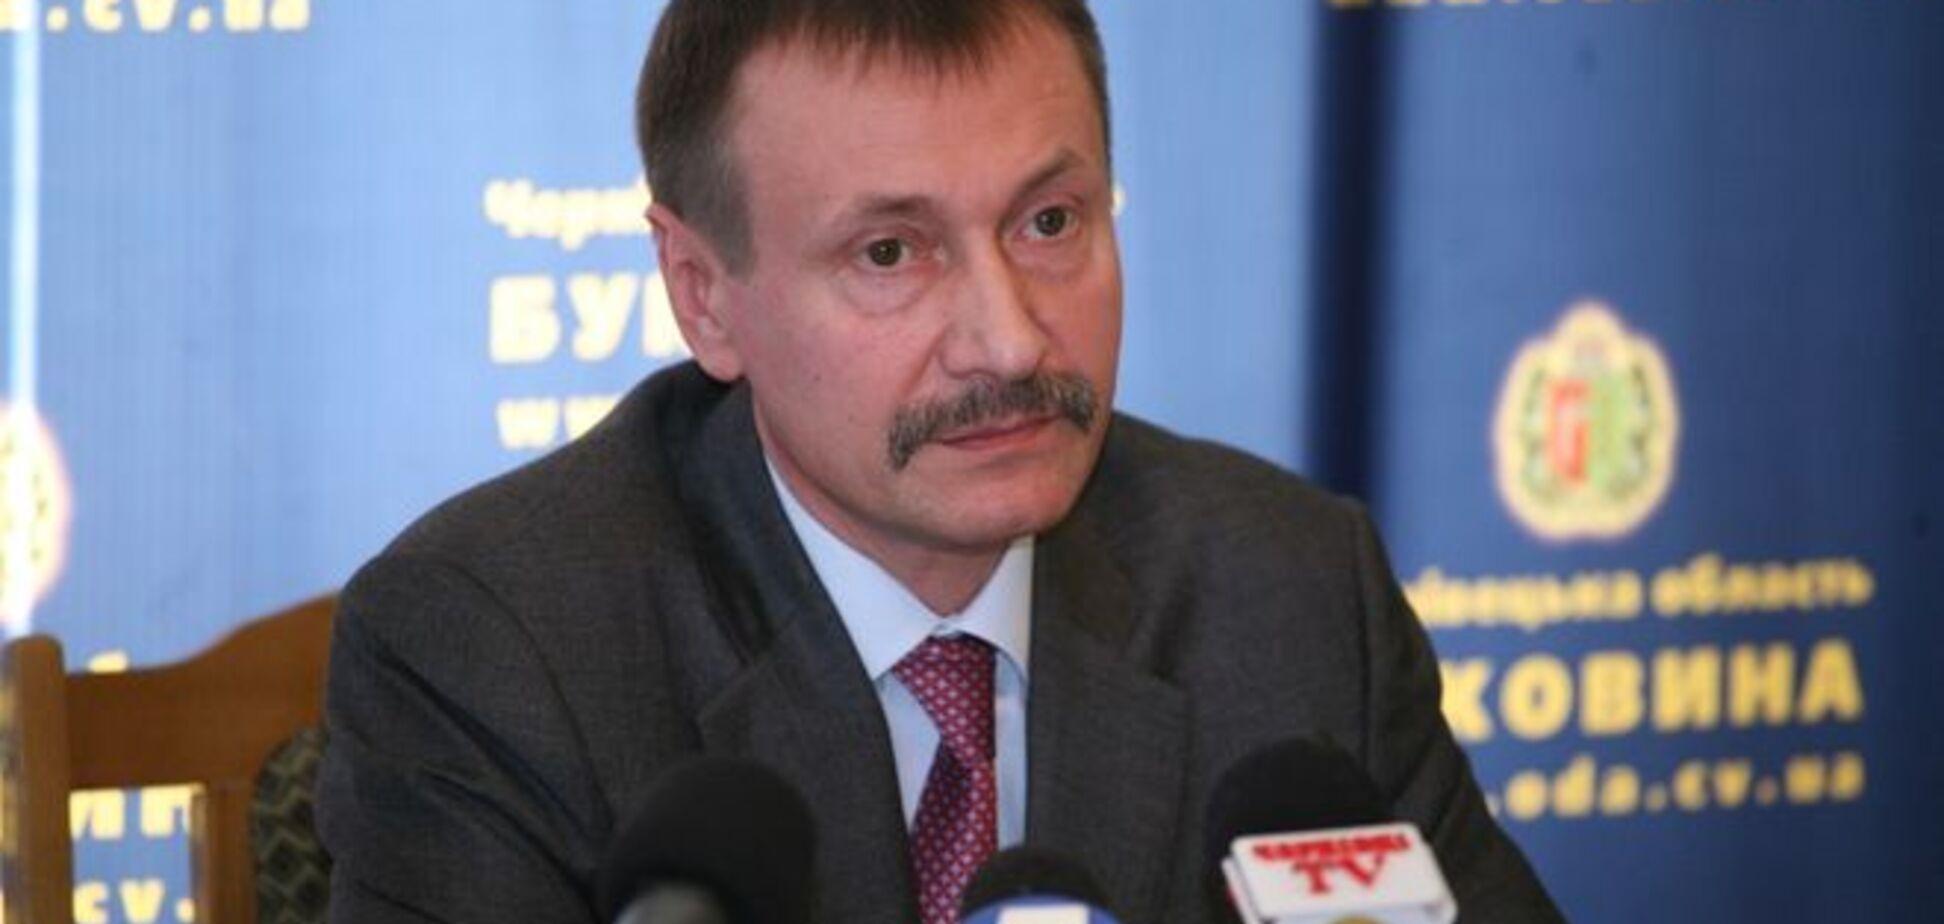 Нардеп и экс-регионал Папиев в центре скандала: у него могут отобрать неприкосновенность